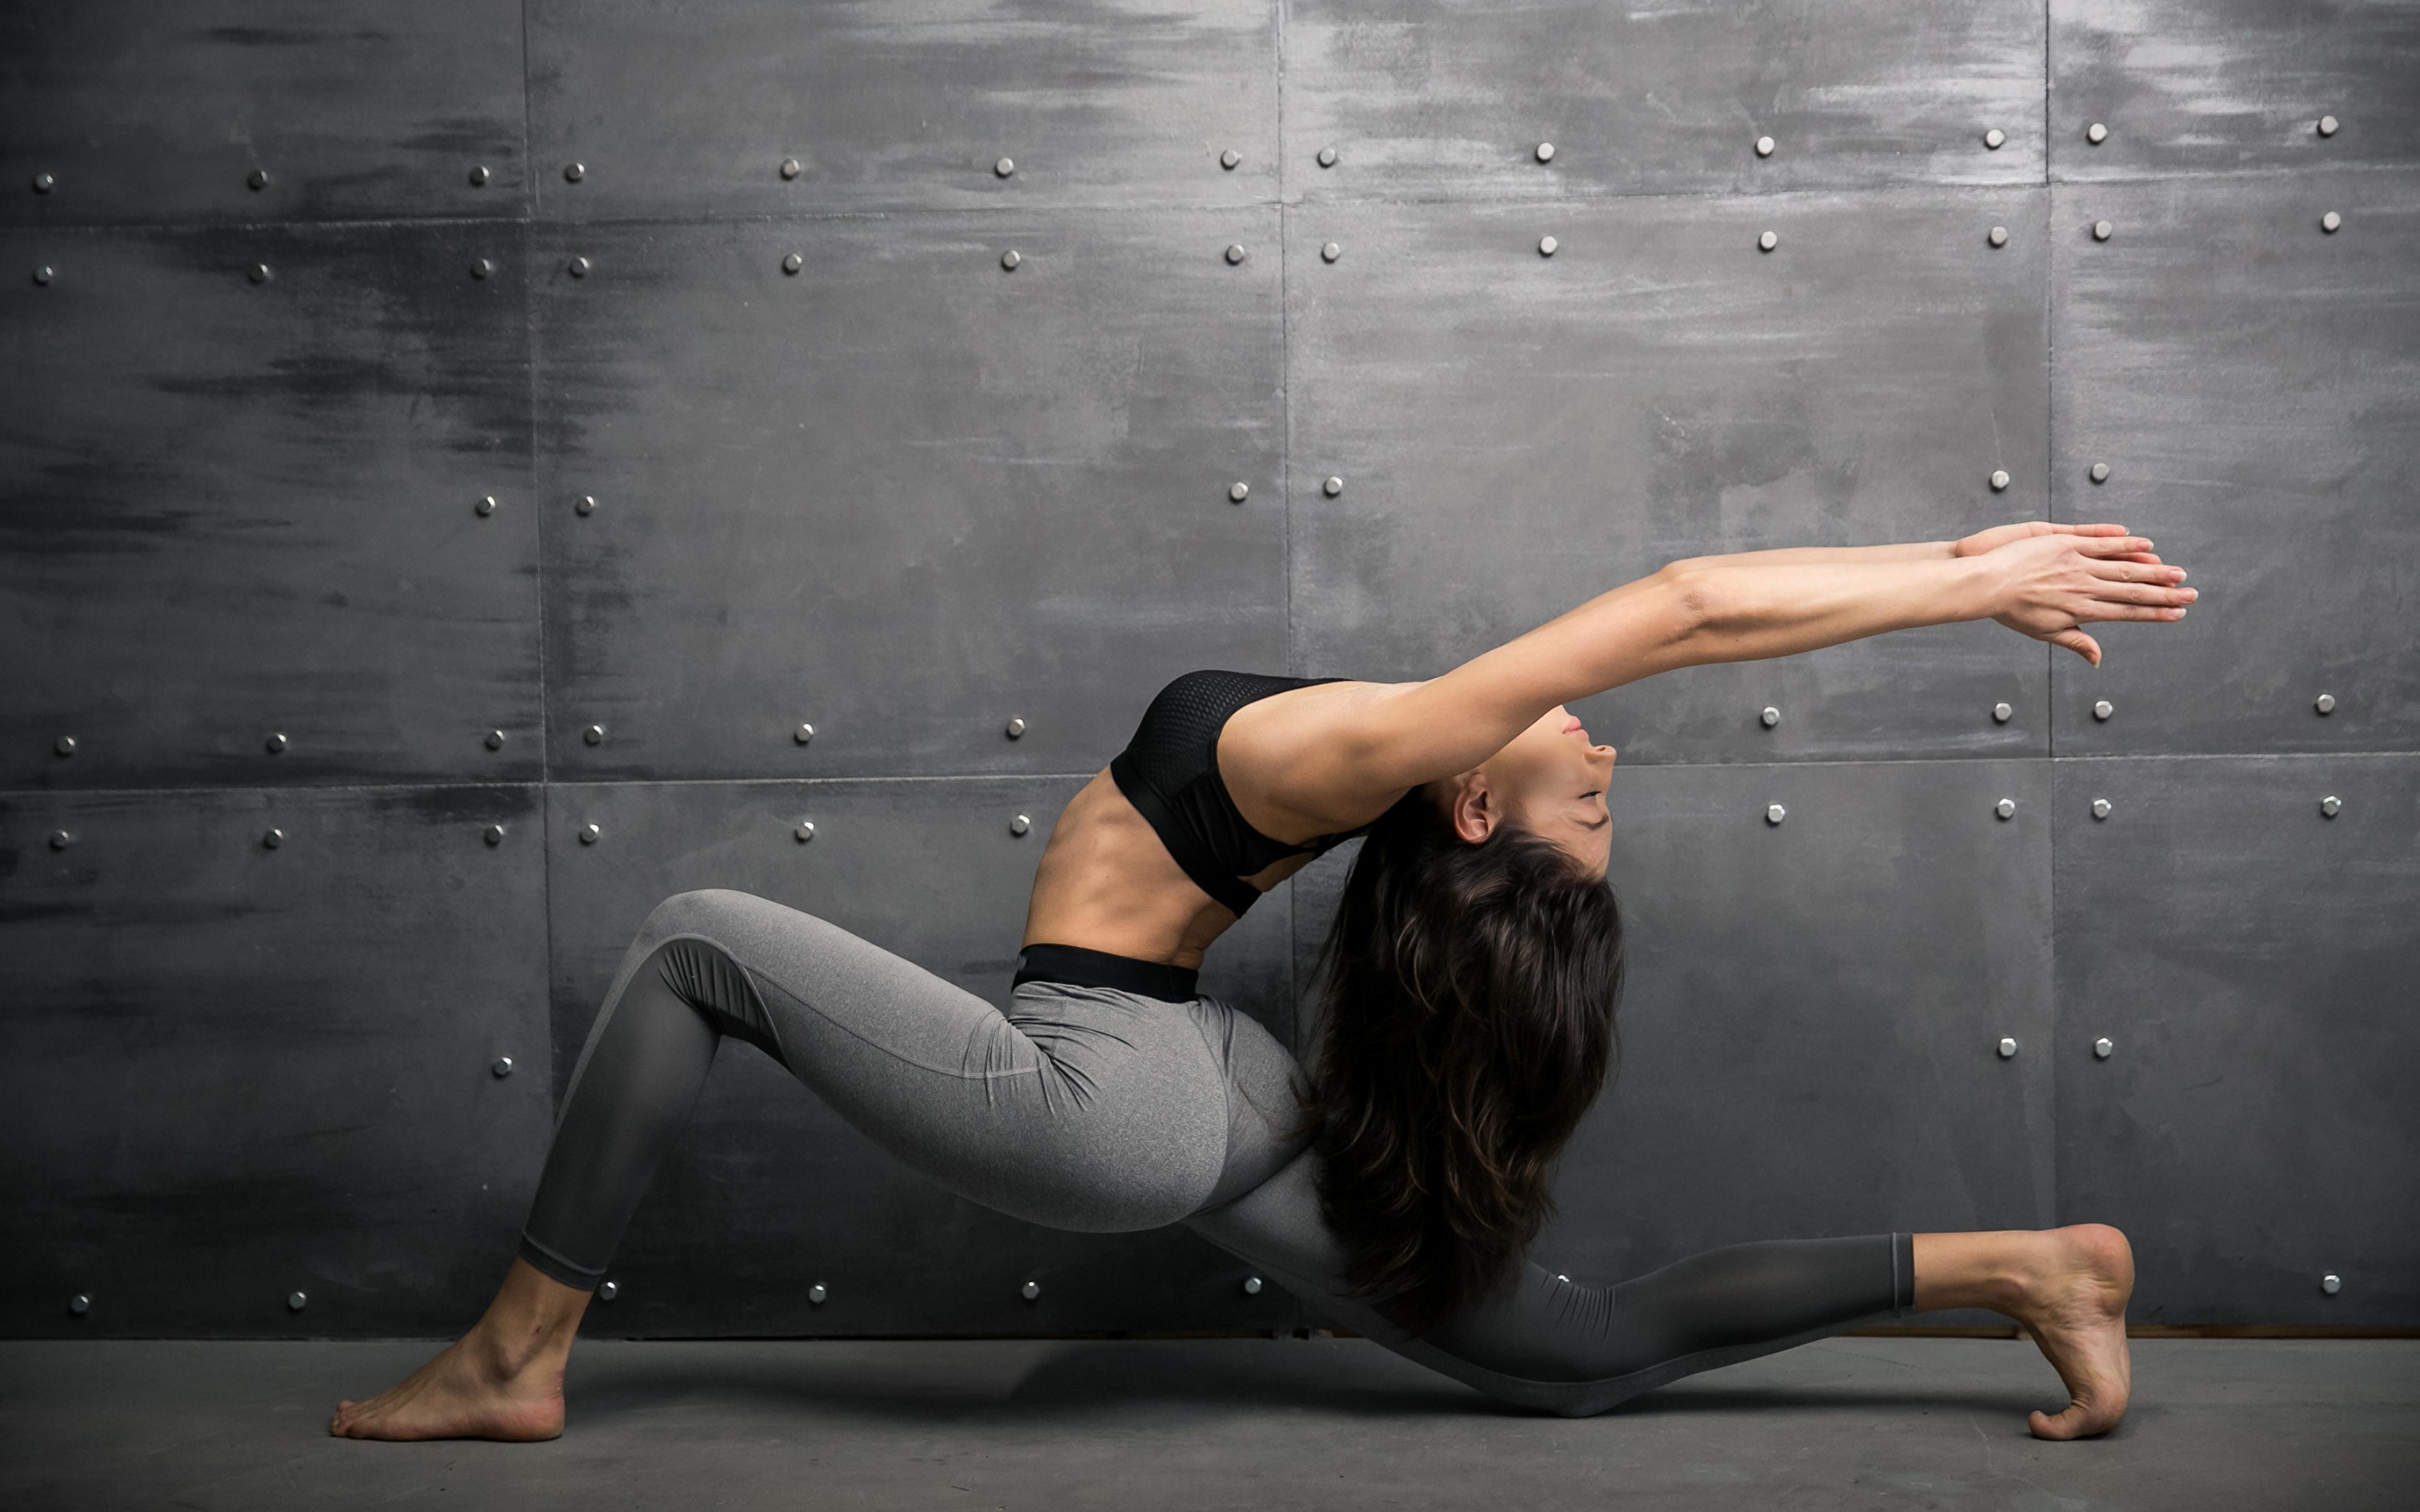 Картинки шатенки Тренировка Фитнес Спорт Гимнастика молодая женщина рука 3840x2400 Шатенка тренируется физическое упражнение Девушки девушка спортивная спортивные спортивный молодые женщины Руки